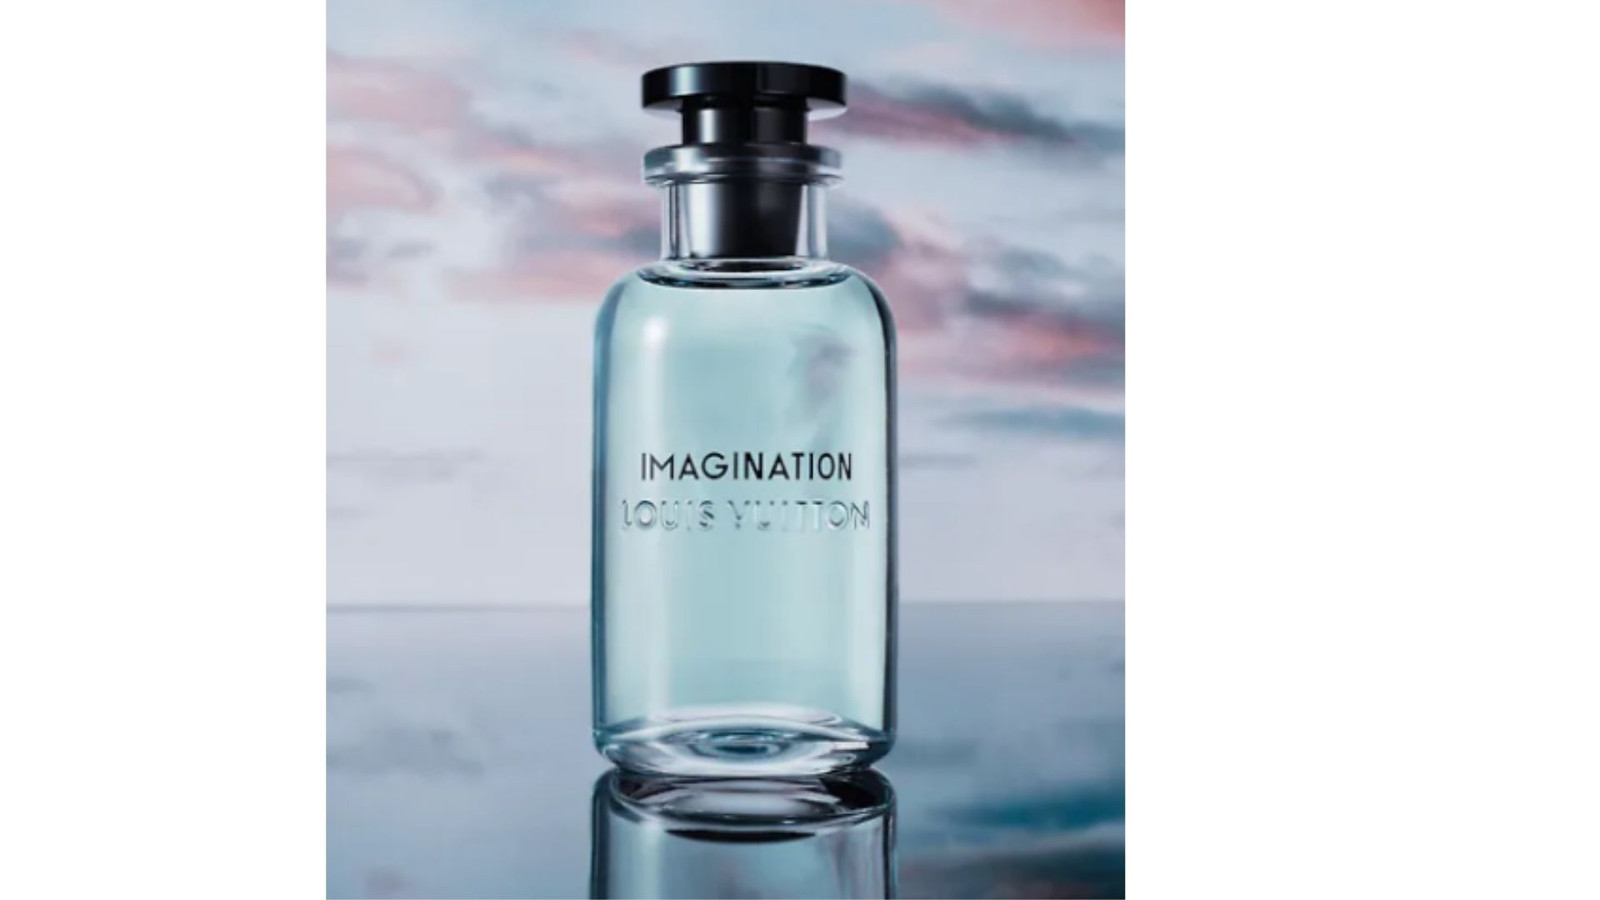 Le parfum Imagination de Louis Vuitton.